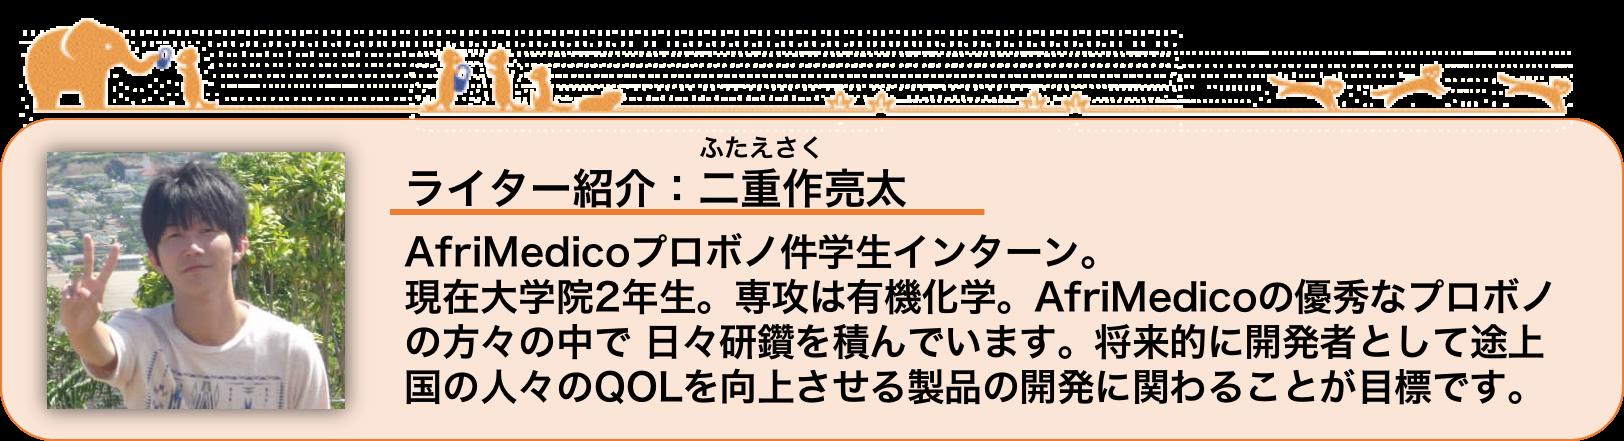 ライター紹介 二重作